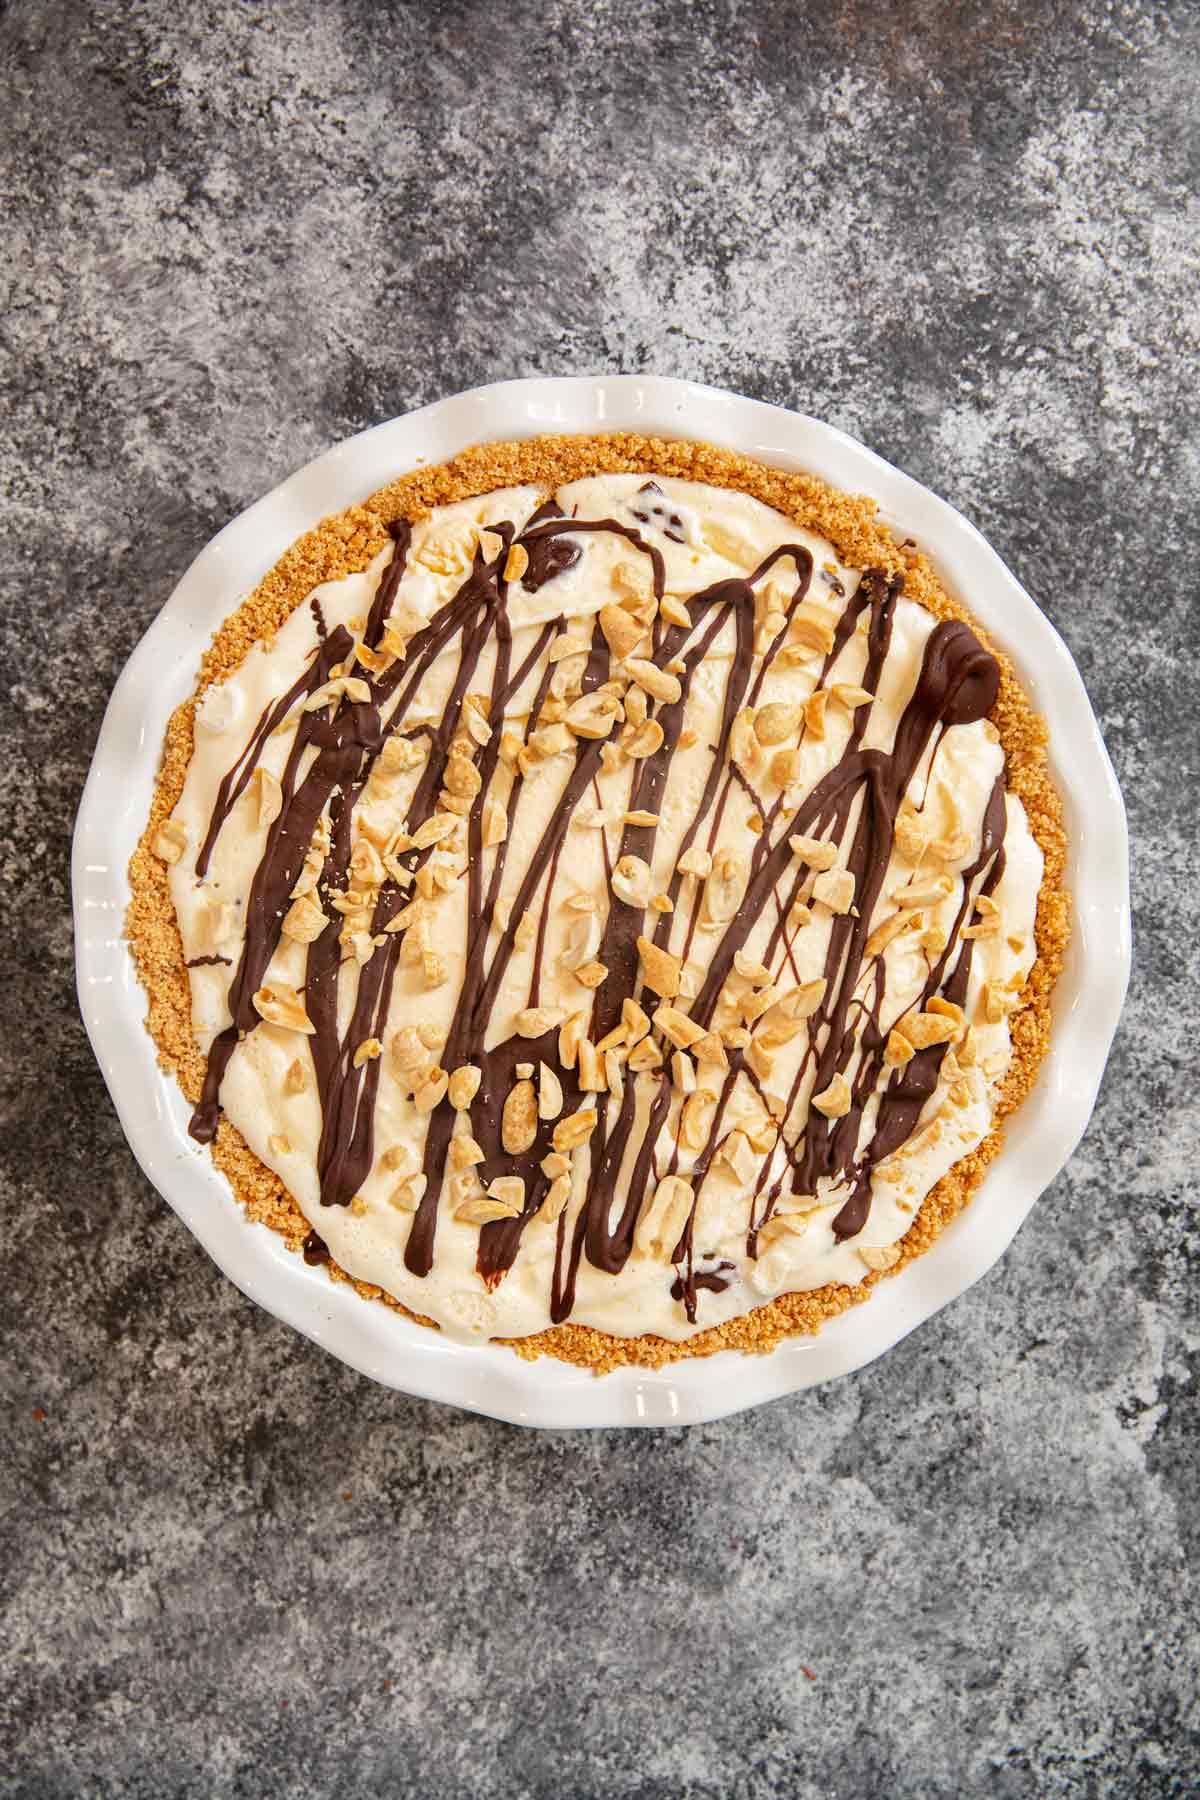 Ice Cream Sundae Pie in pie plate